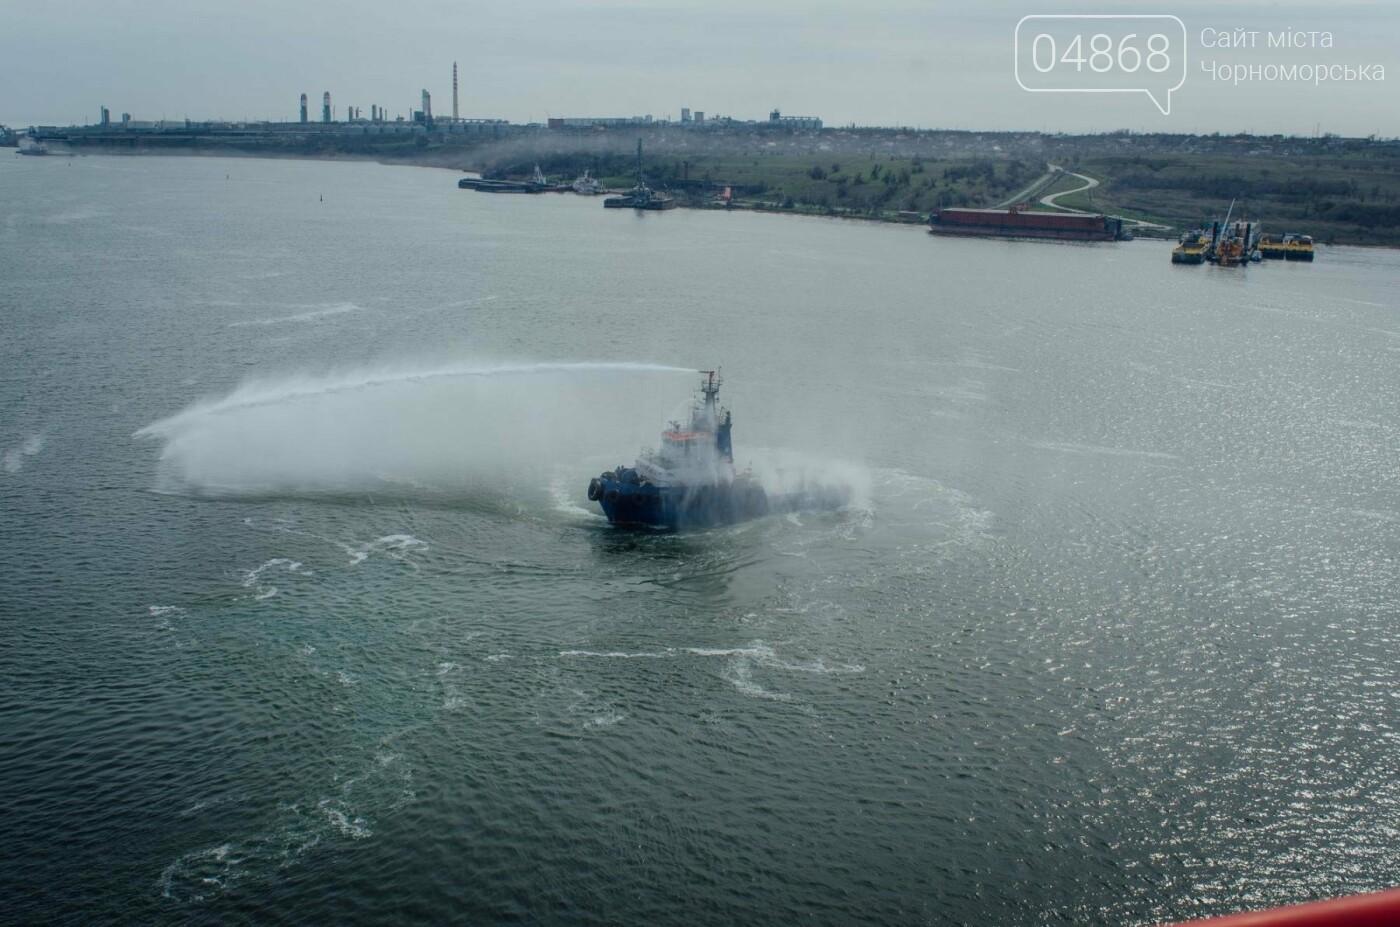 Контейнерный терминал ТИС принял первое судно нового сервиса Maersk, фото-5